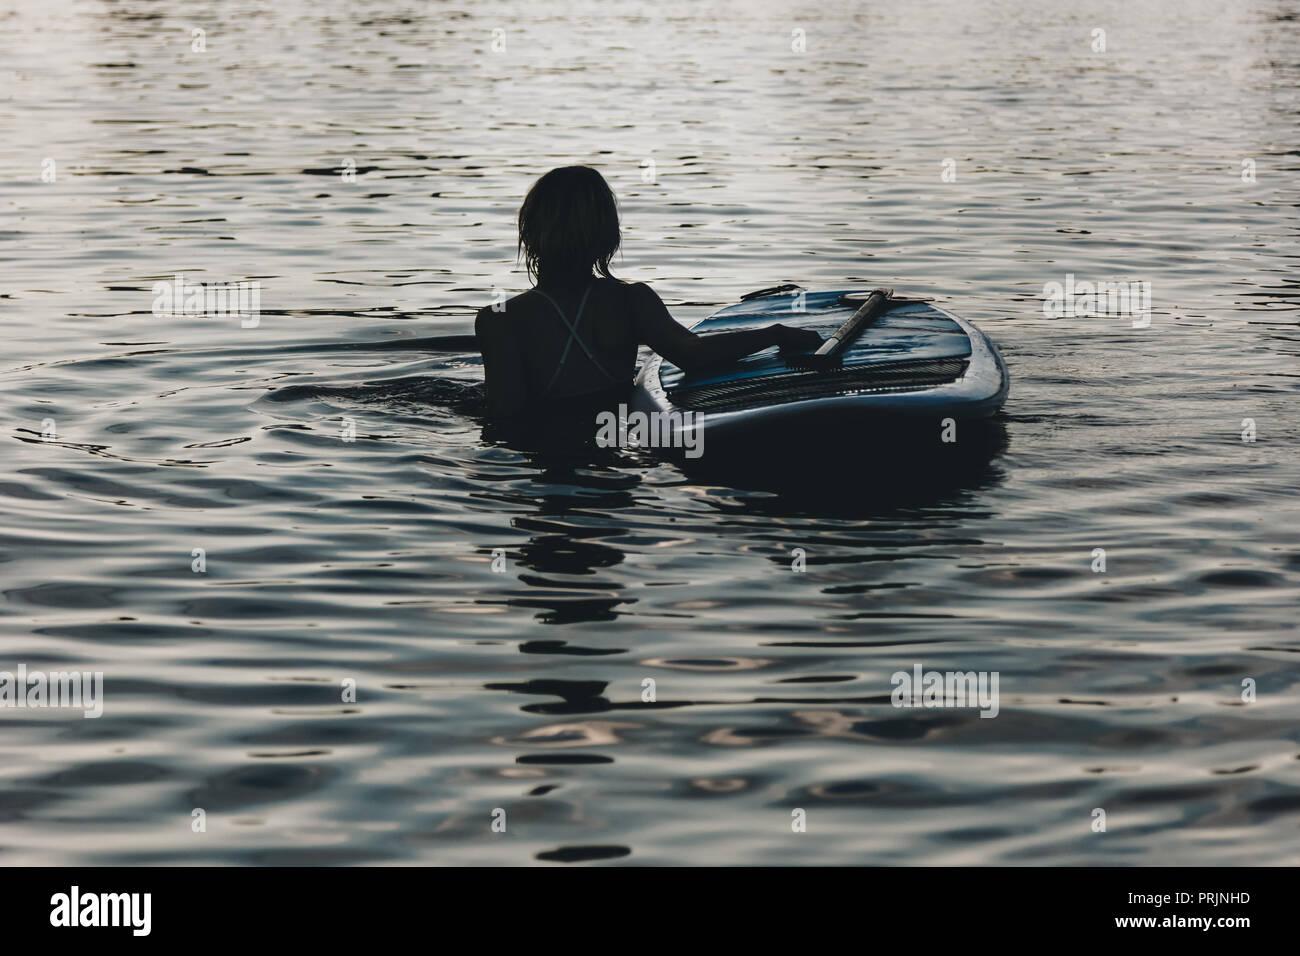 Silueta de mujer nadar en agua con junta de sup Imagen De Stock